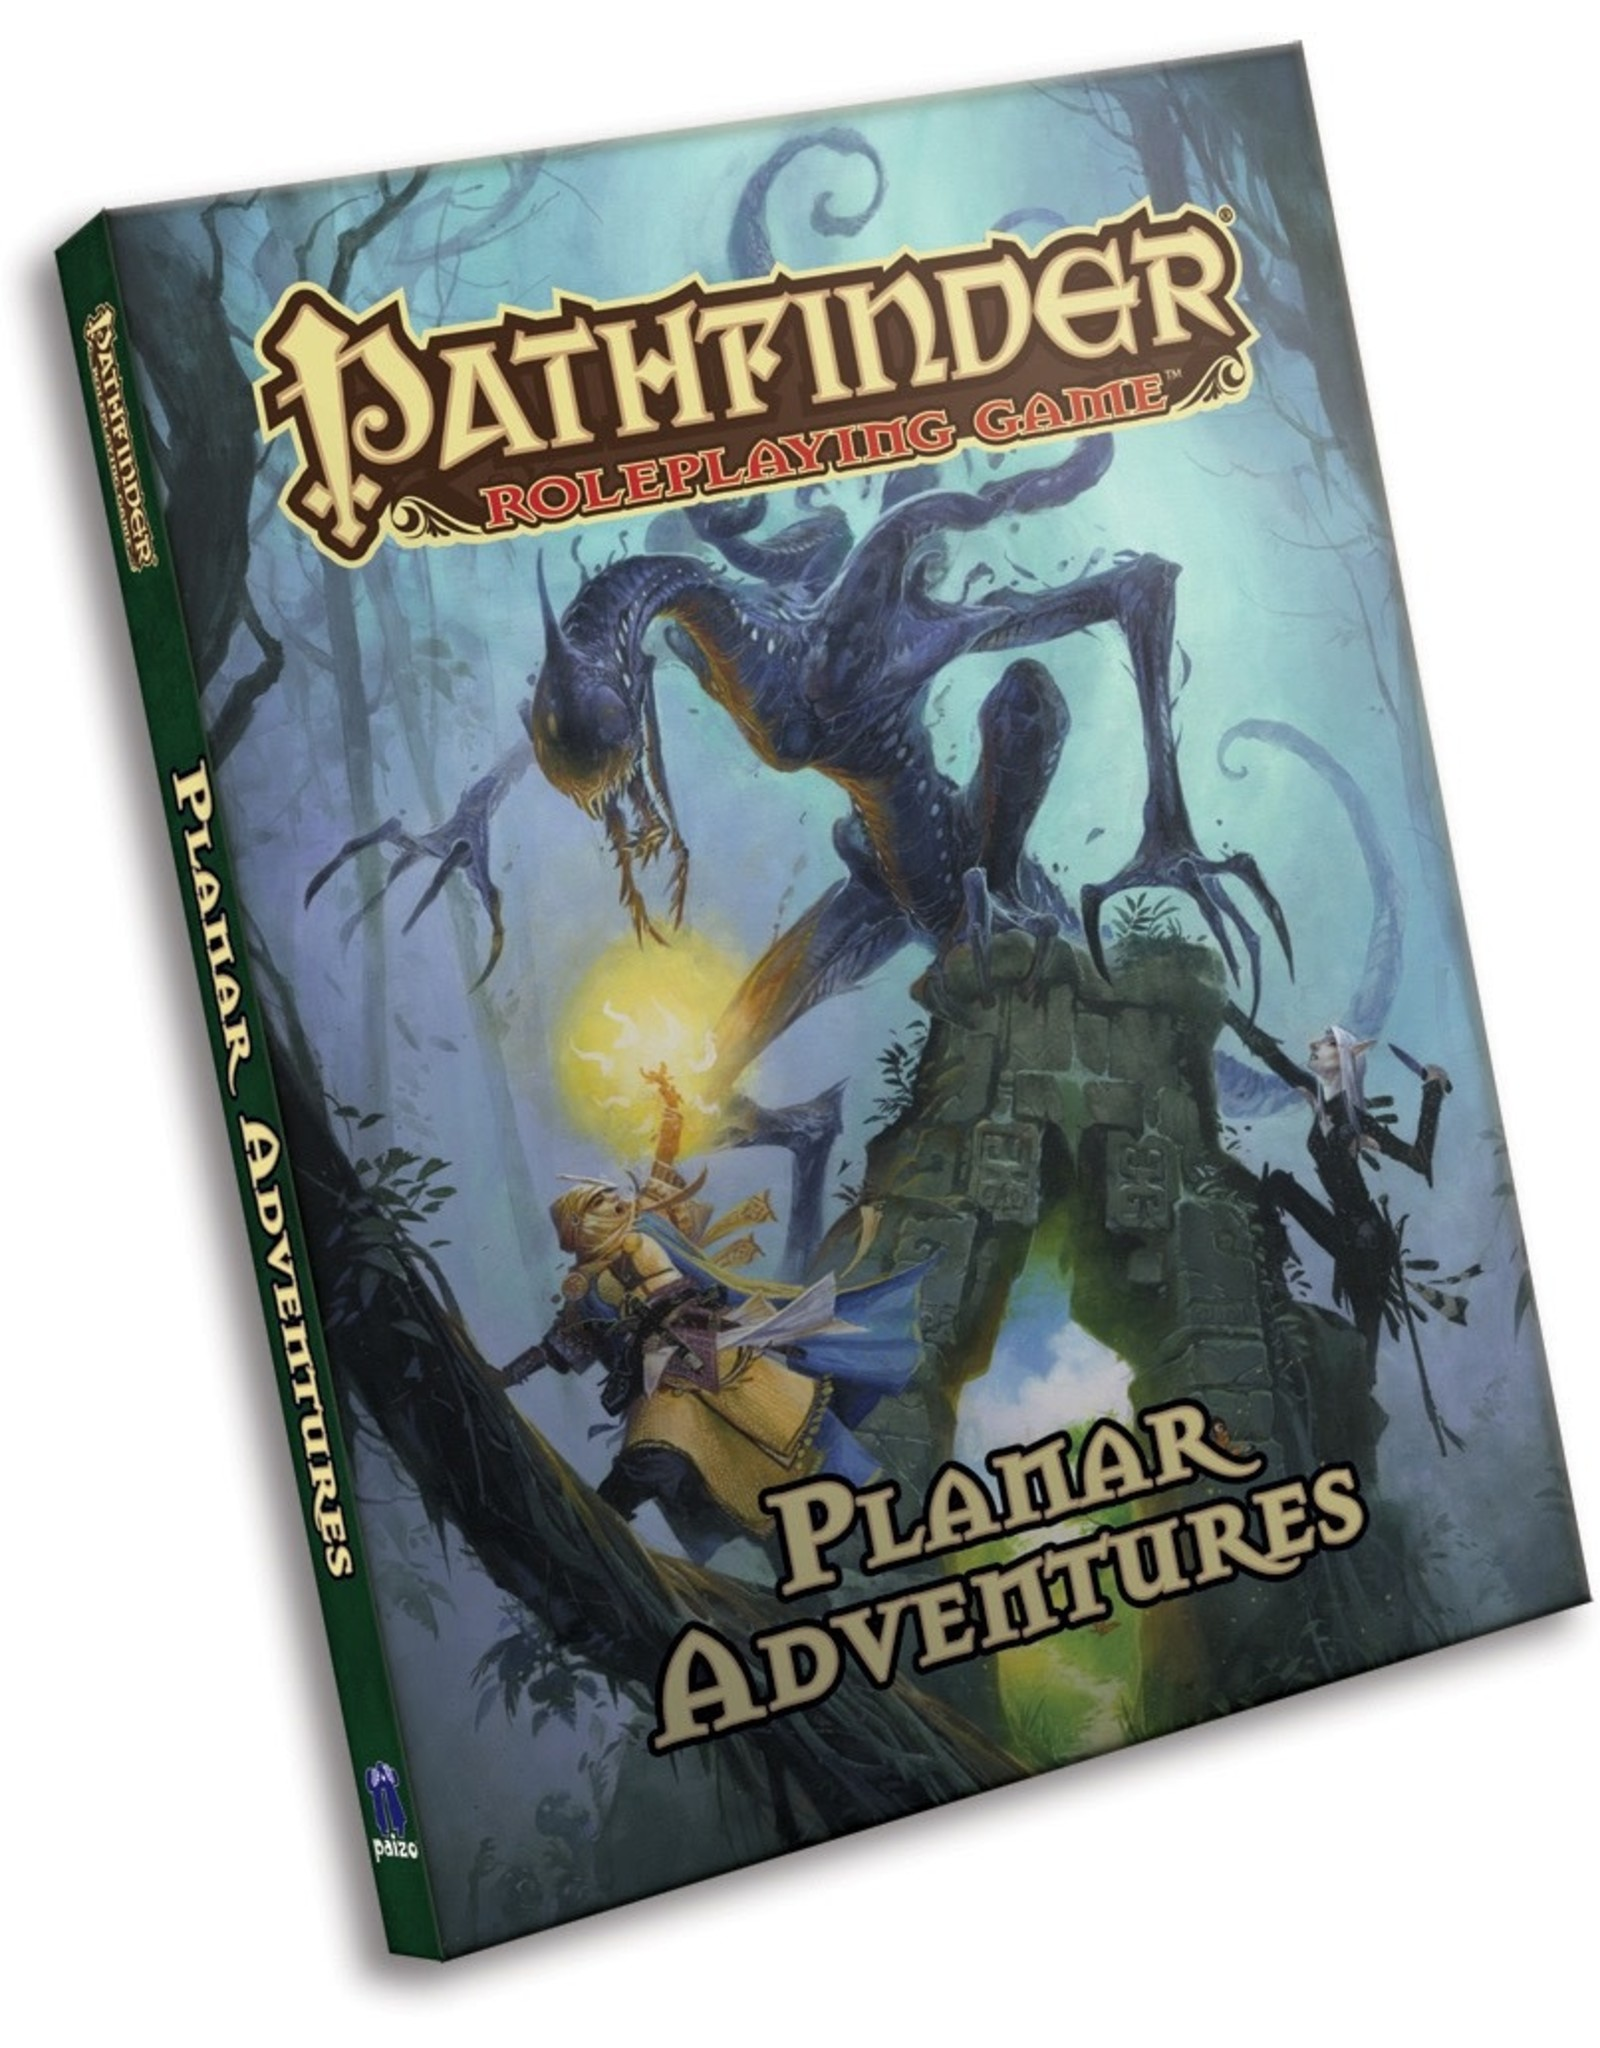 Pathfinder Planar Adventures